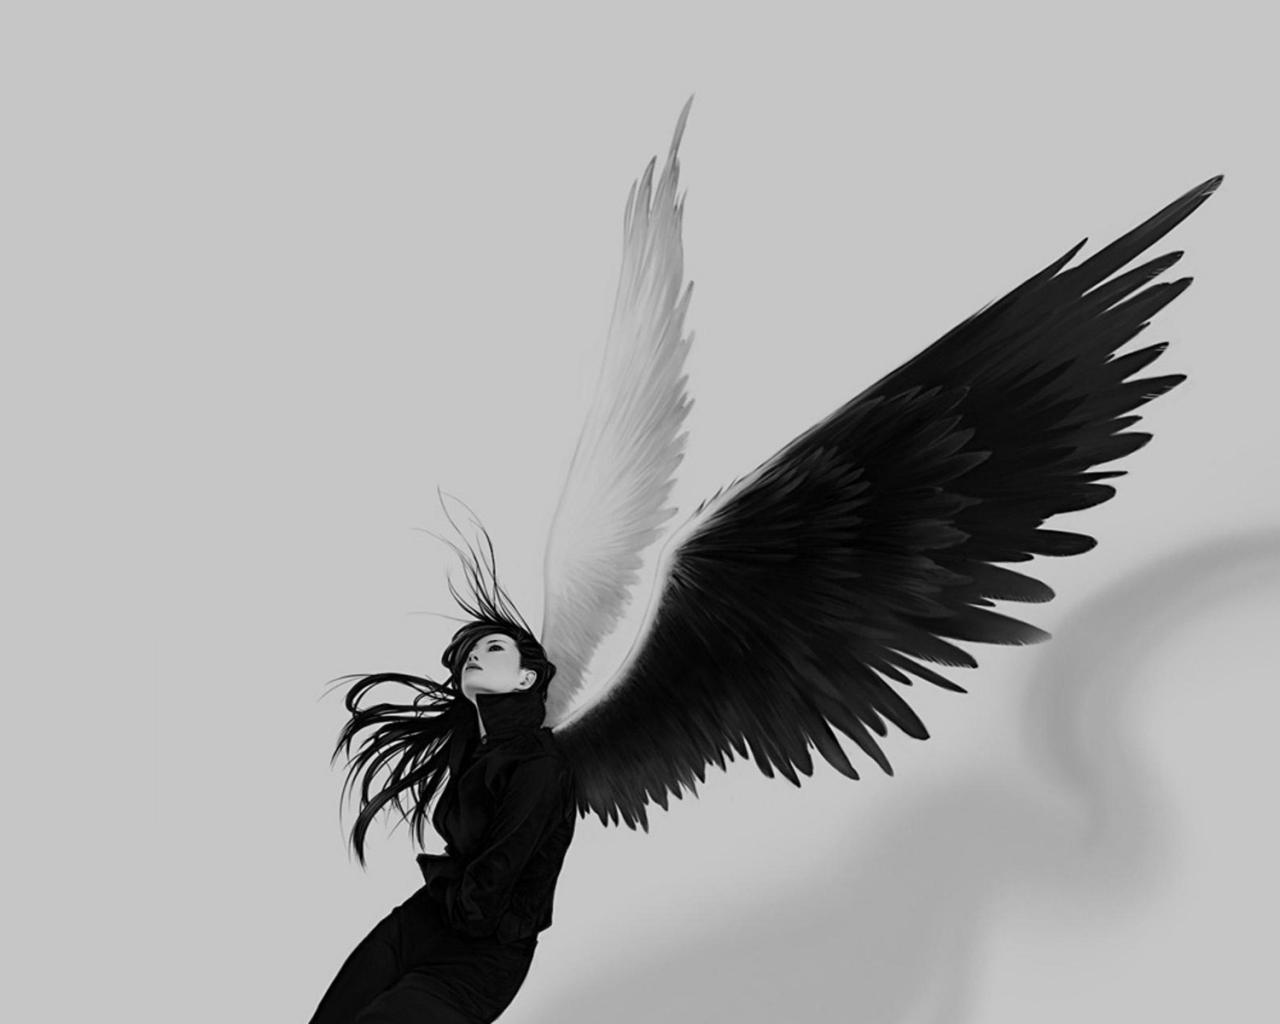 Chica con alas blanco y negro - 1280x1024